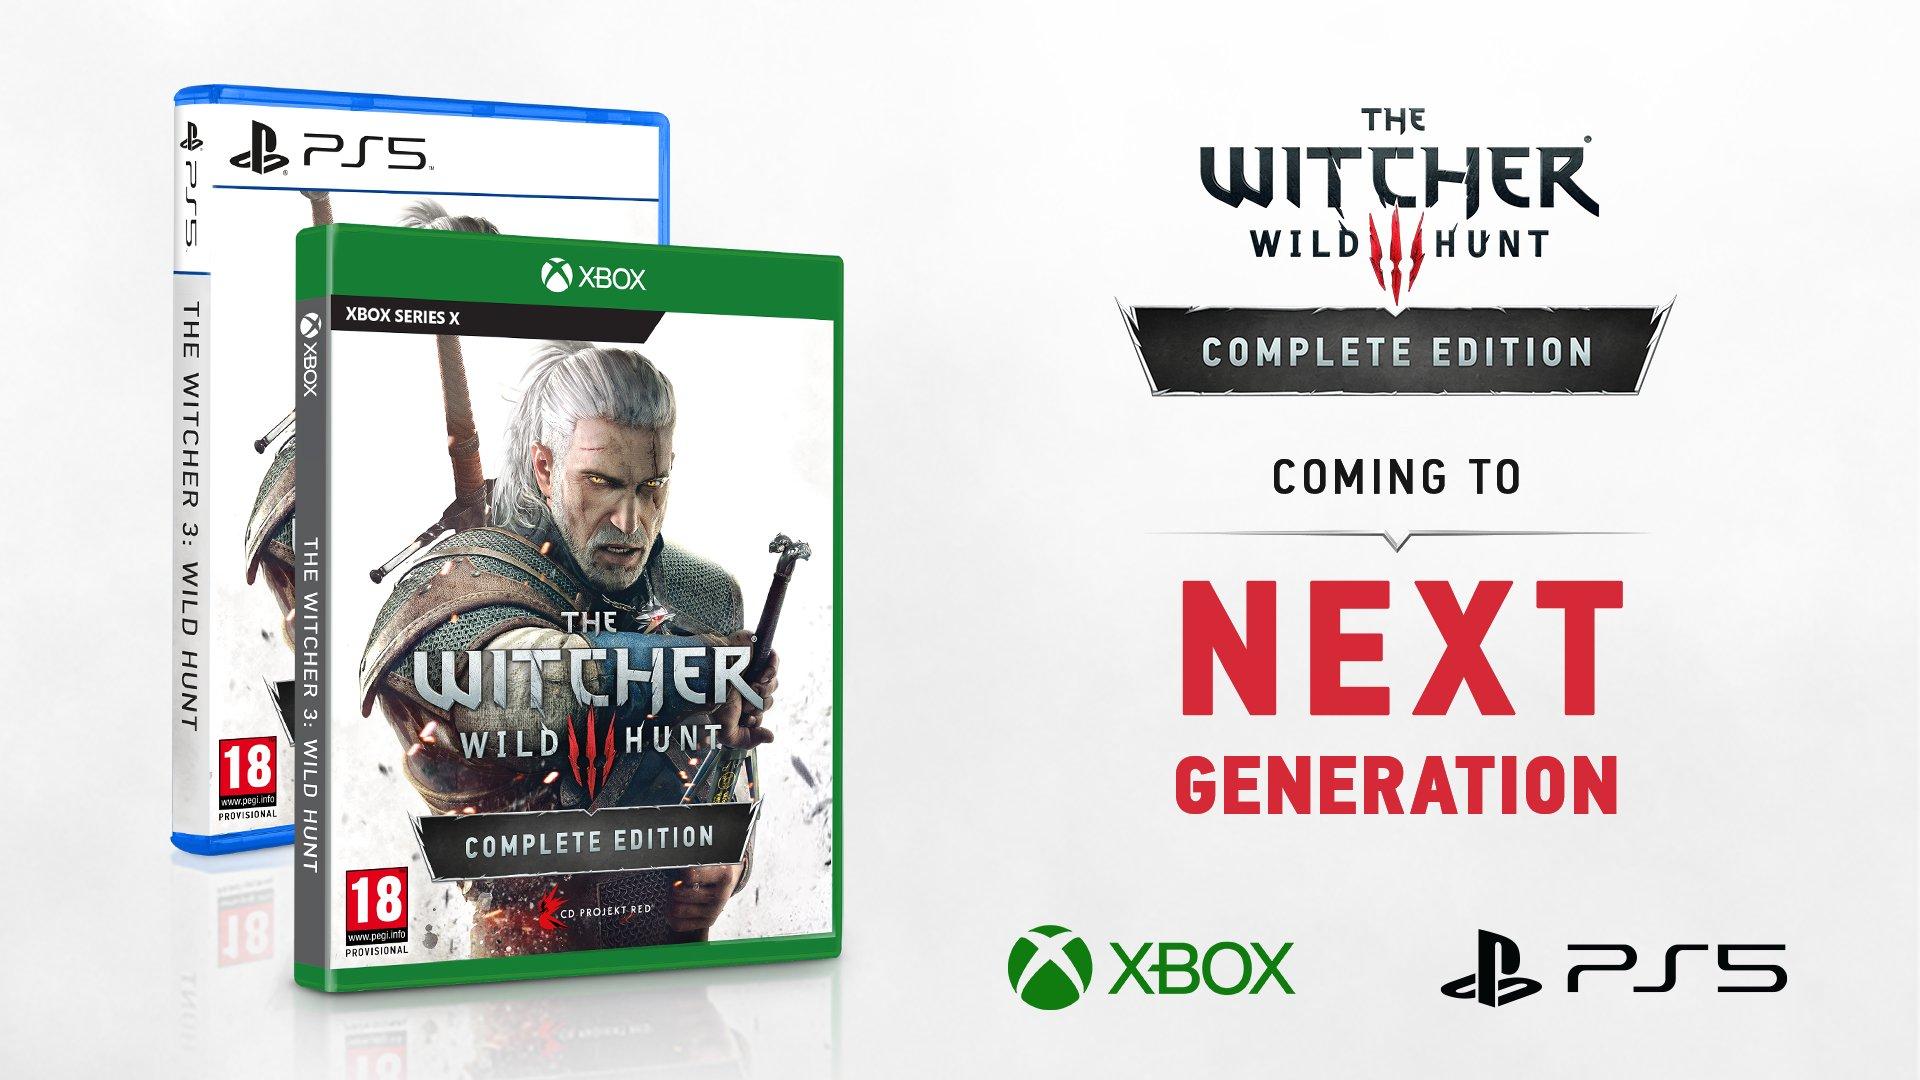 THE WITCHER 3 LLEGARÁ A PS5 Y XBOX SERIES X GRATUITO PARA PROPIETARIOS ACTUALES